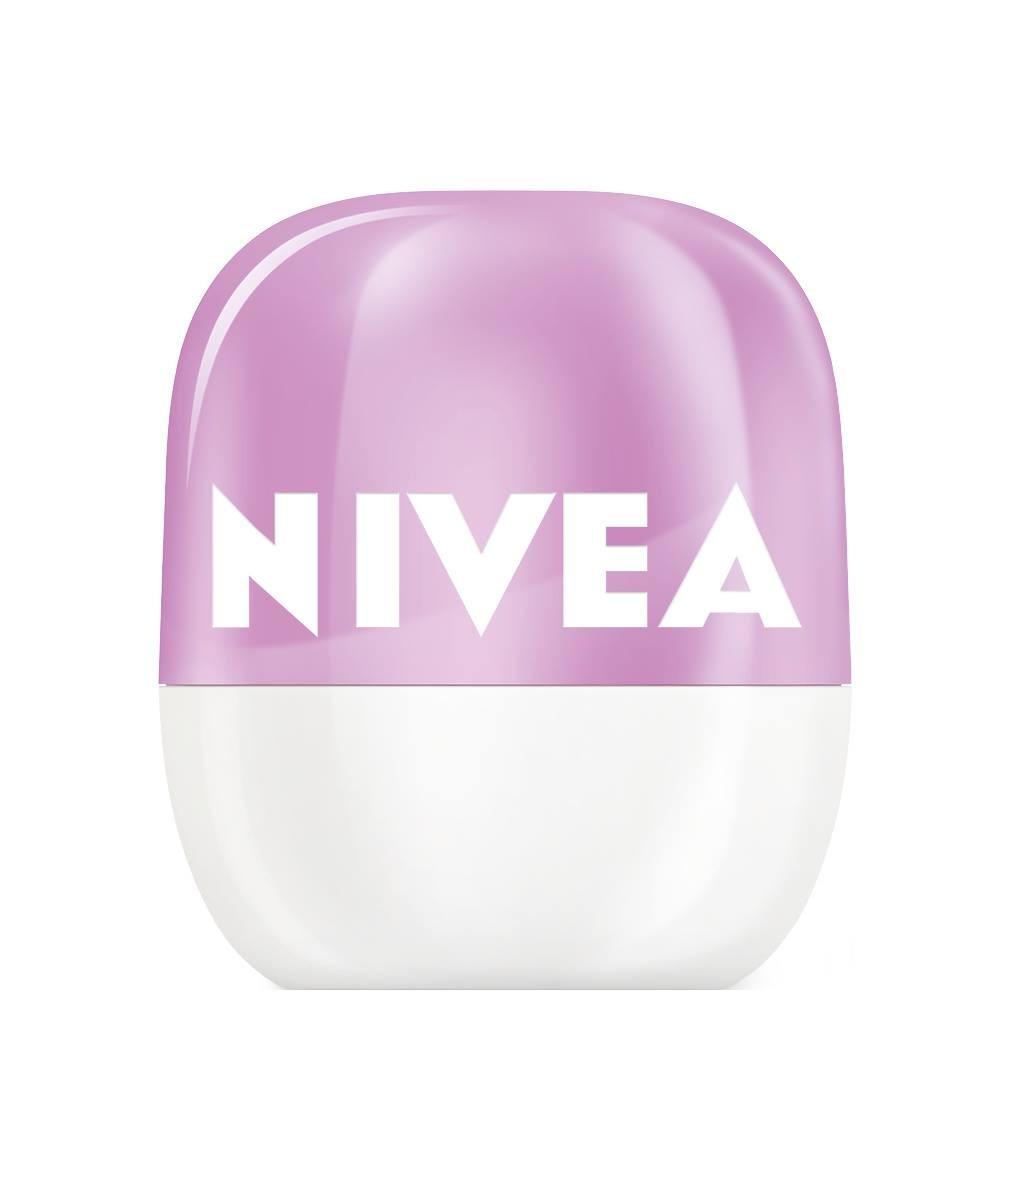 НИВЕА ПОП БОЛ Балсам за устни Боровинка и Черешов цвят 7гр | NIVEA POP-BALL Lip balm Blueberry and Cherry blossom 7g